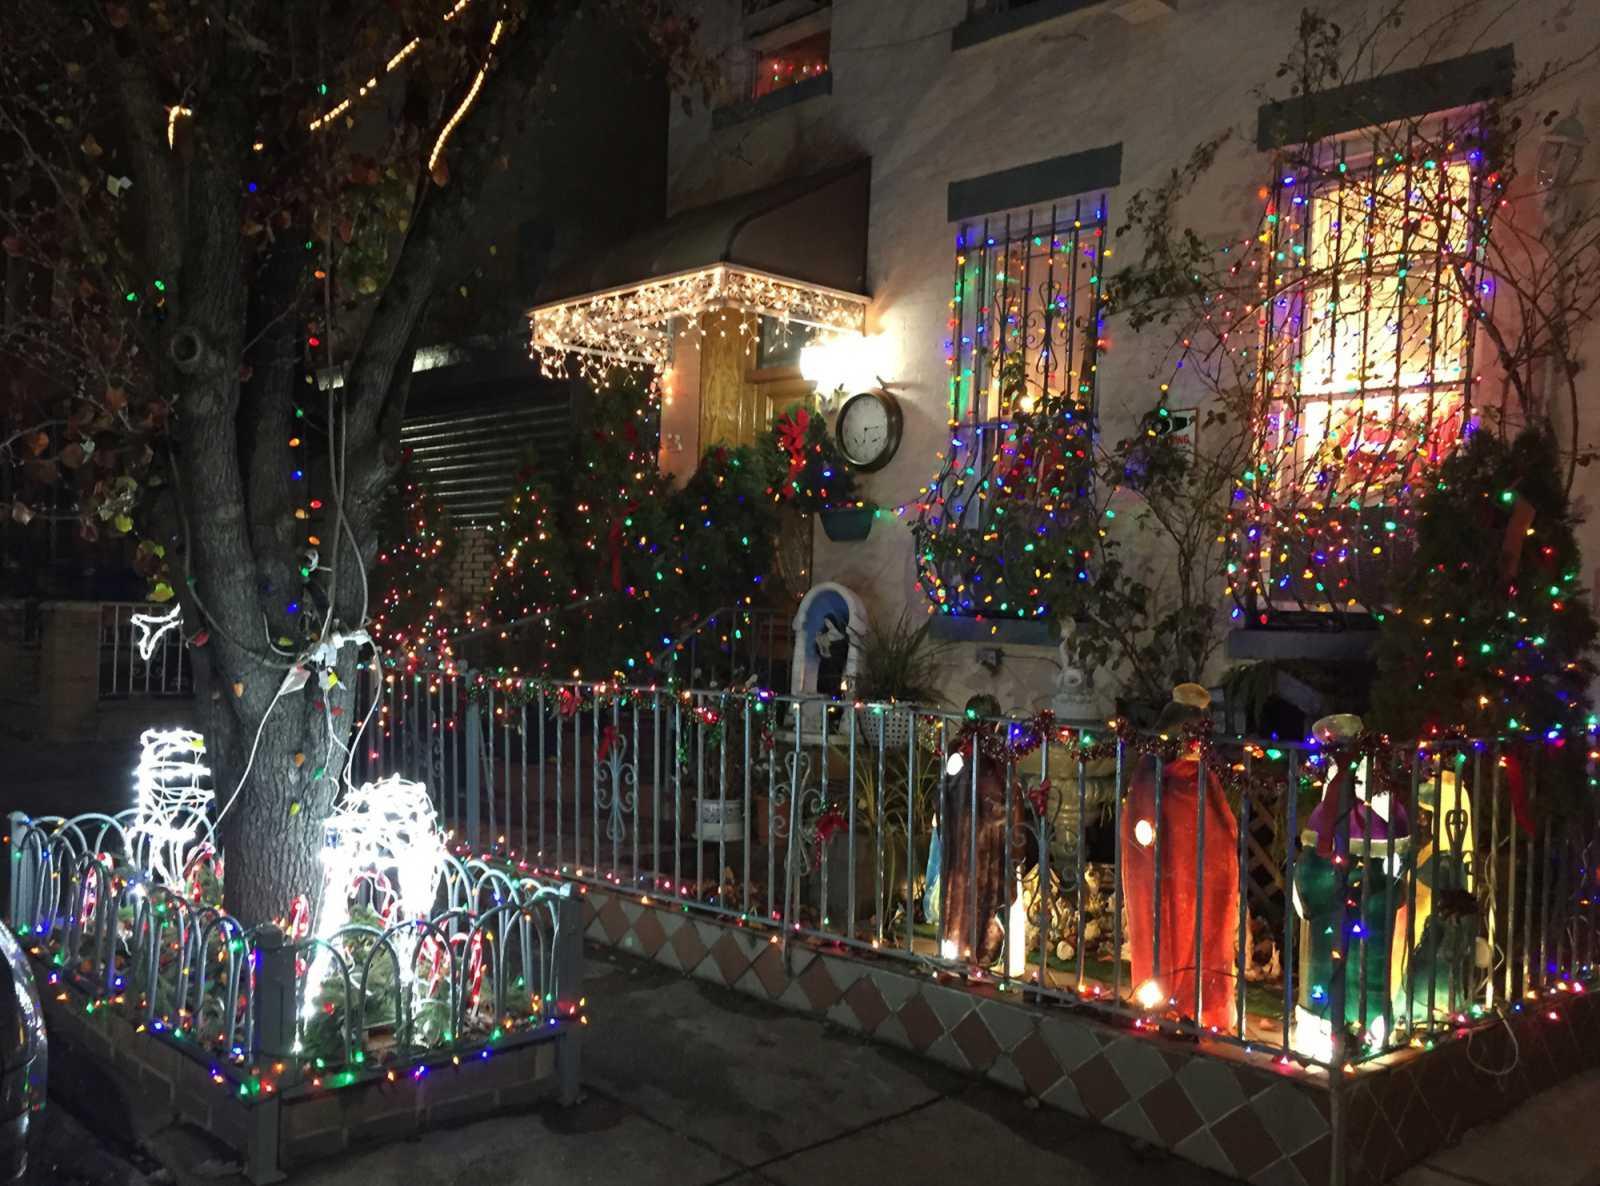 Ab Wann Weihnachtsbeleuchtung.Weihnachtsbeleuchtung Aus Ab 22 Uhr Experte Warnt Vor